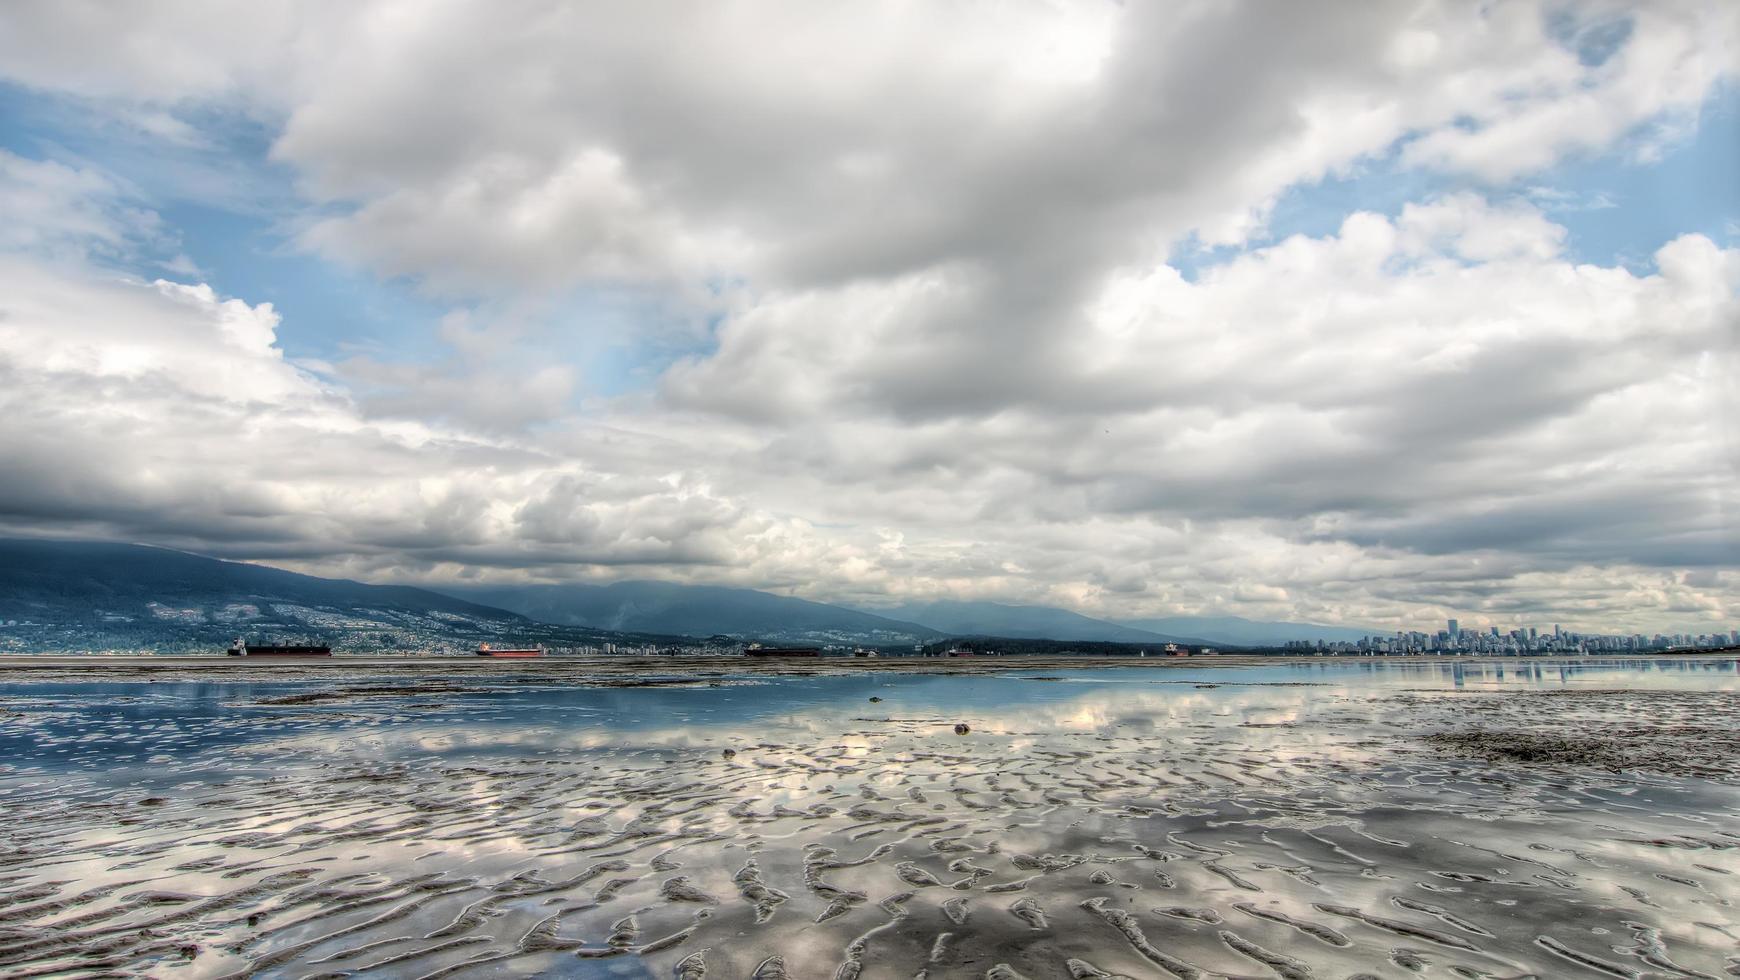 rivage à marée basse photo